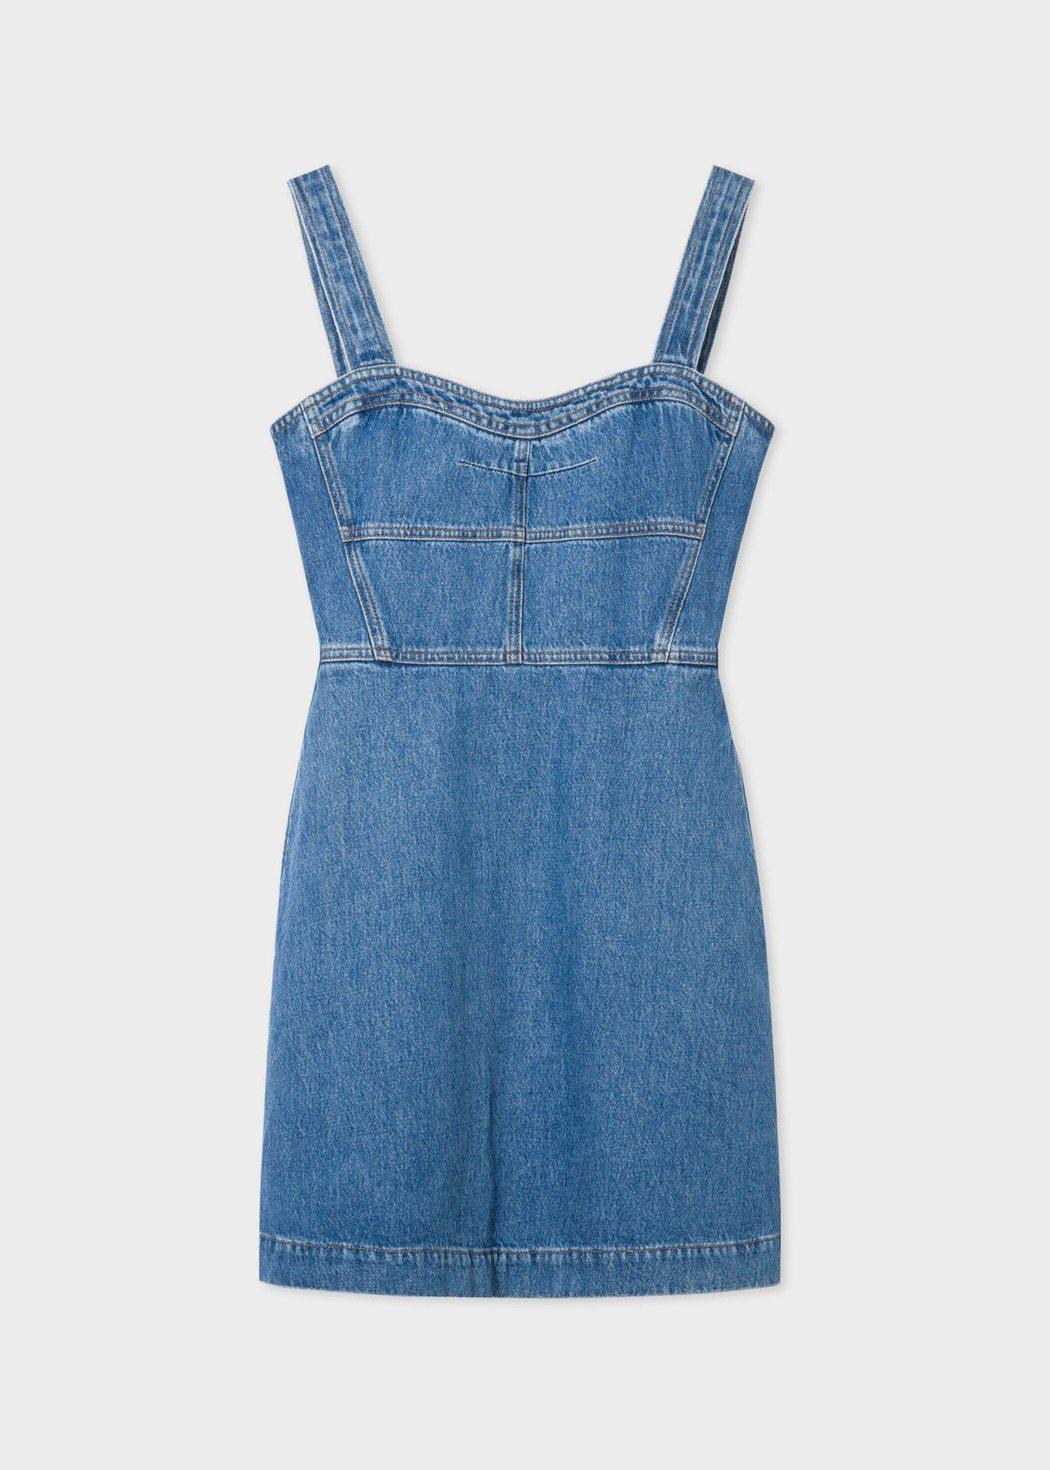 牛仔連身裙,原價14,800元,特價7,400元。圖/Paul Smith提供